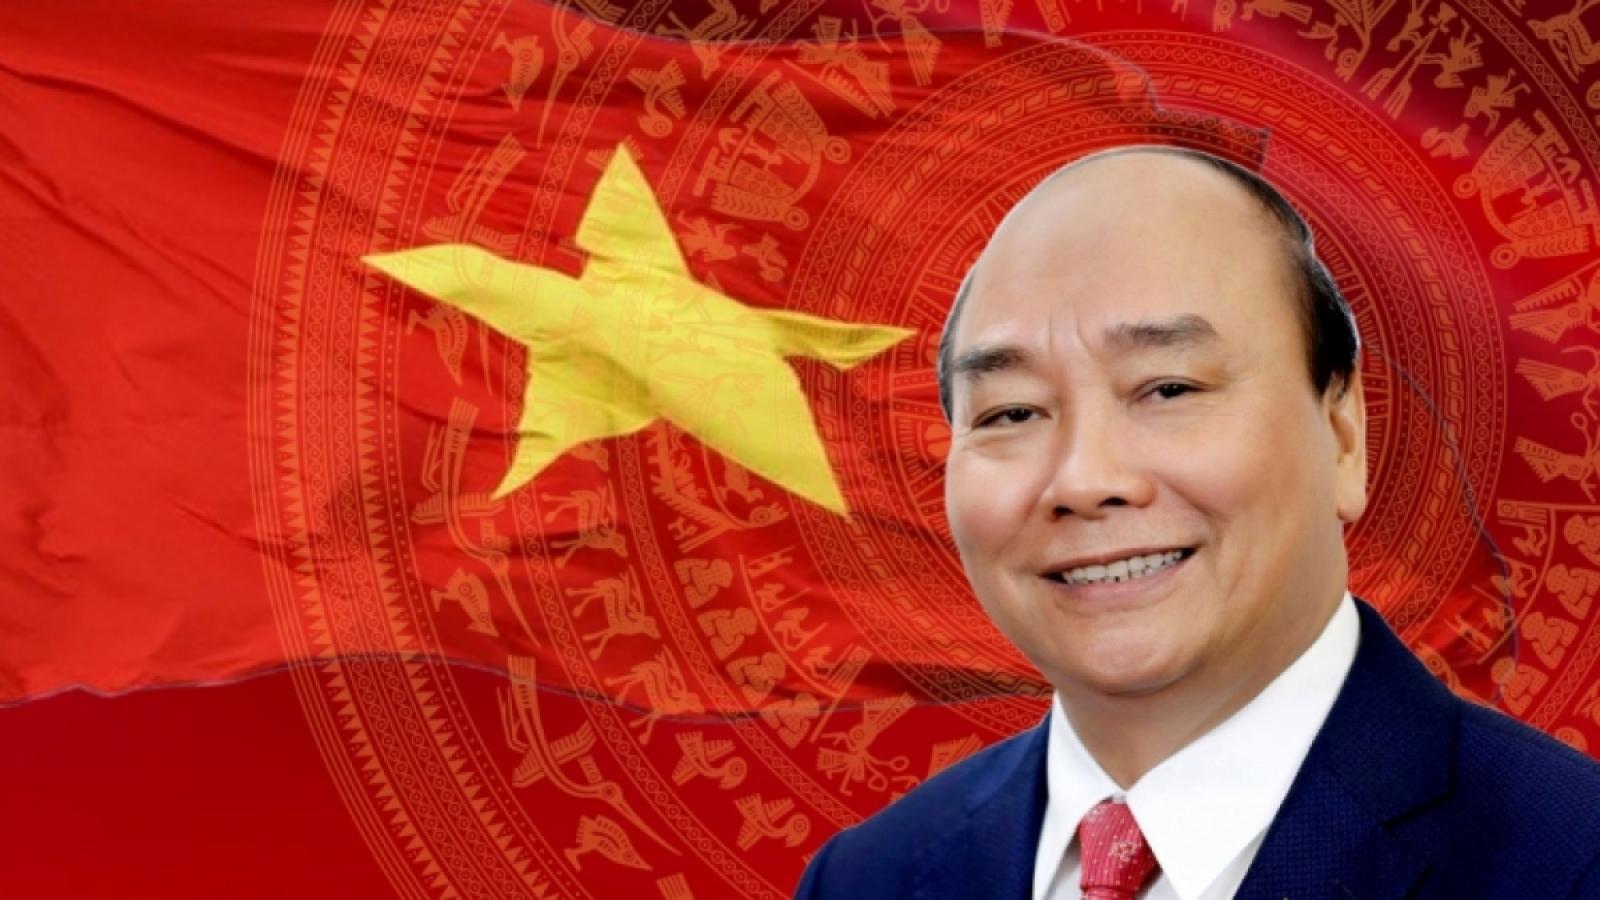 Thư, điện mừng của lãnh đạo các nước gửi lãnh đạo cấp cao Việt Nam